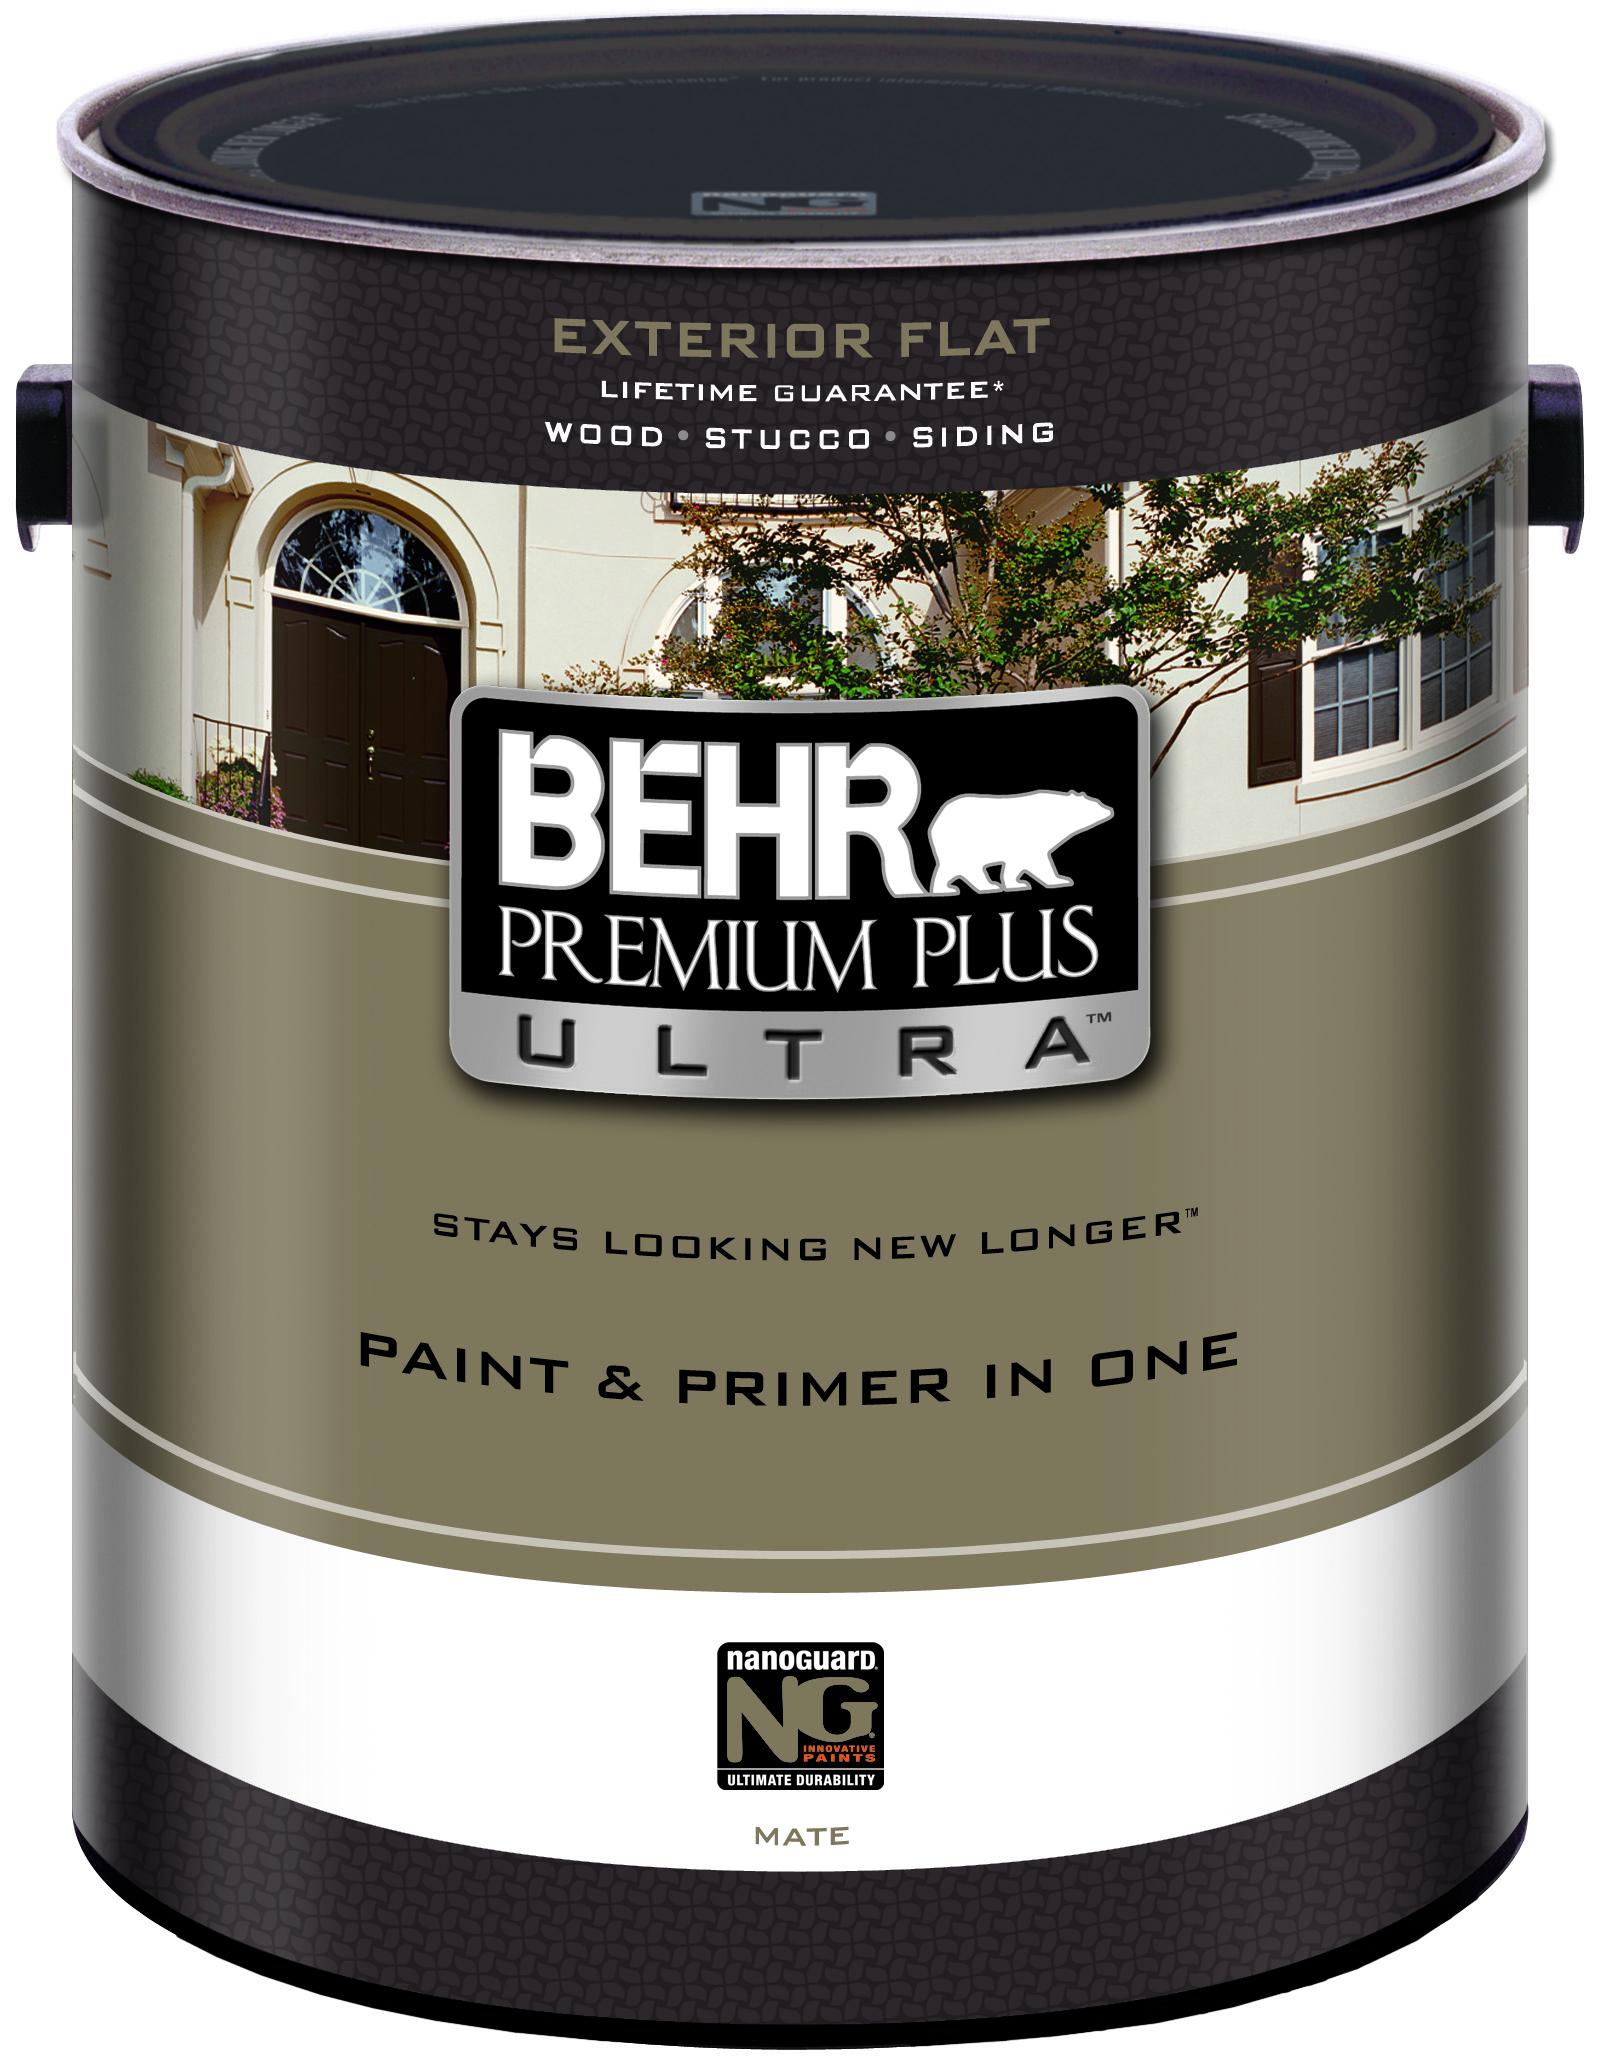 Behr Paints Utilizes Nanoguard Technology To Develop Behr Premium Ultra Exterior Paint Primer